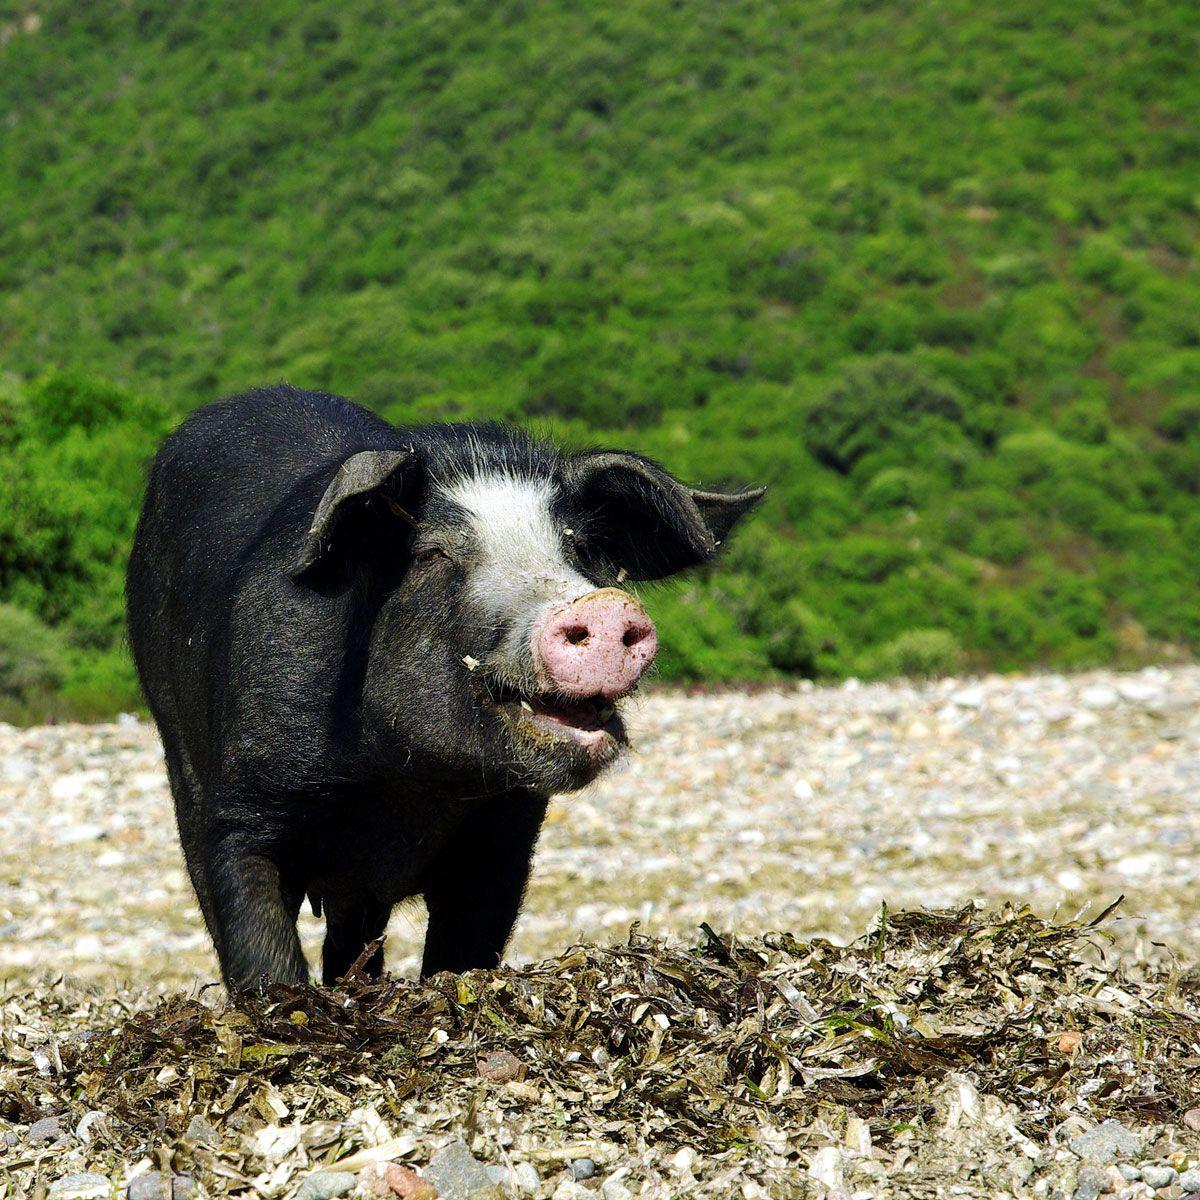 cochon sauvage, Corse. ENFIN UN CORSE EN PHOTO | Corse | Pinterest ...